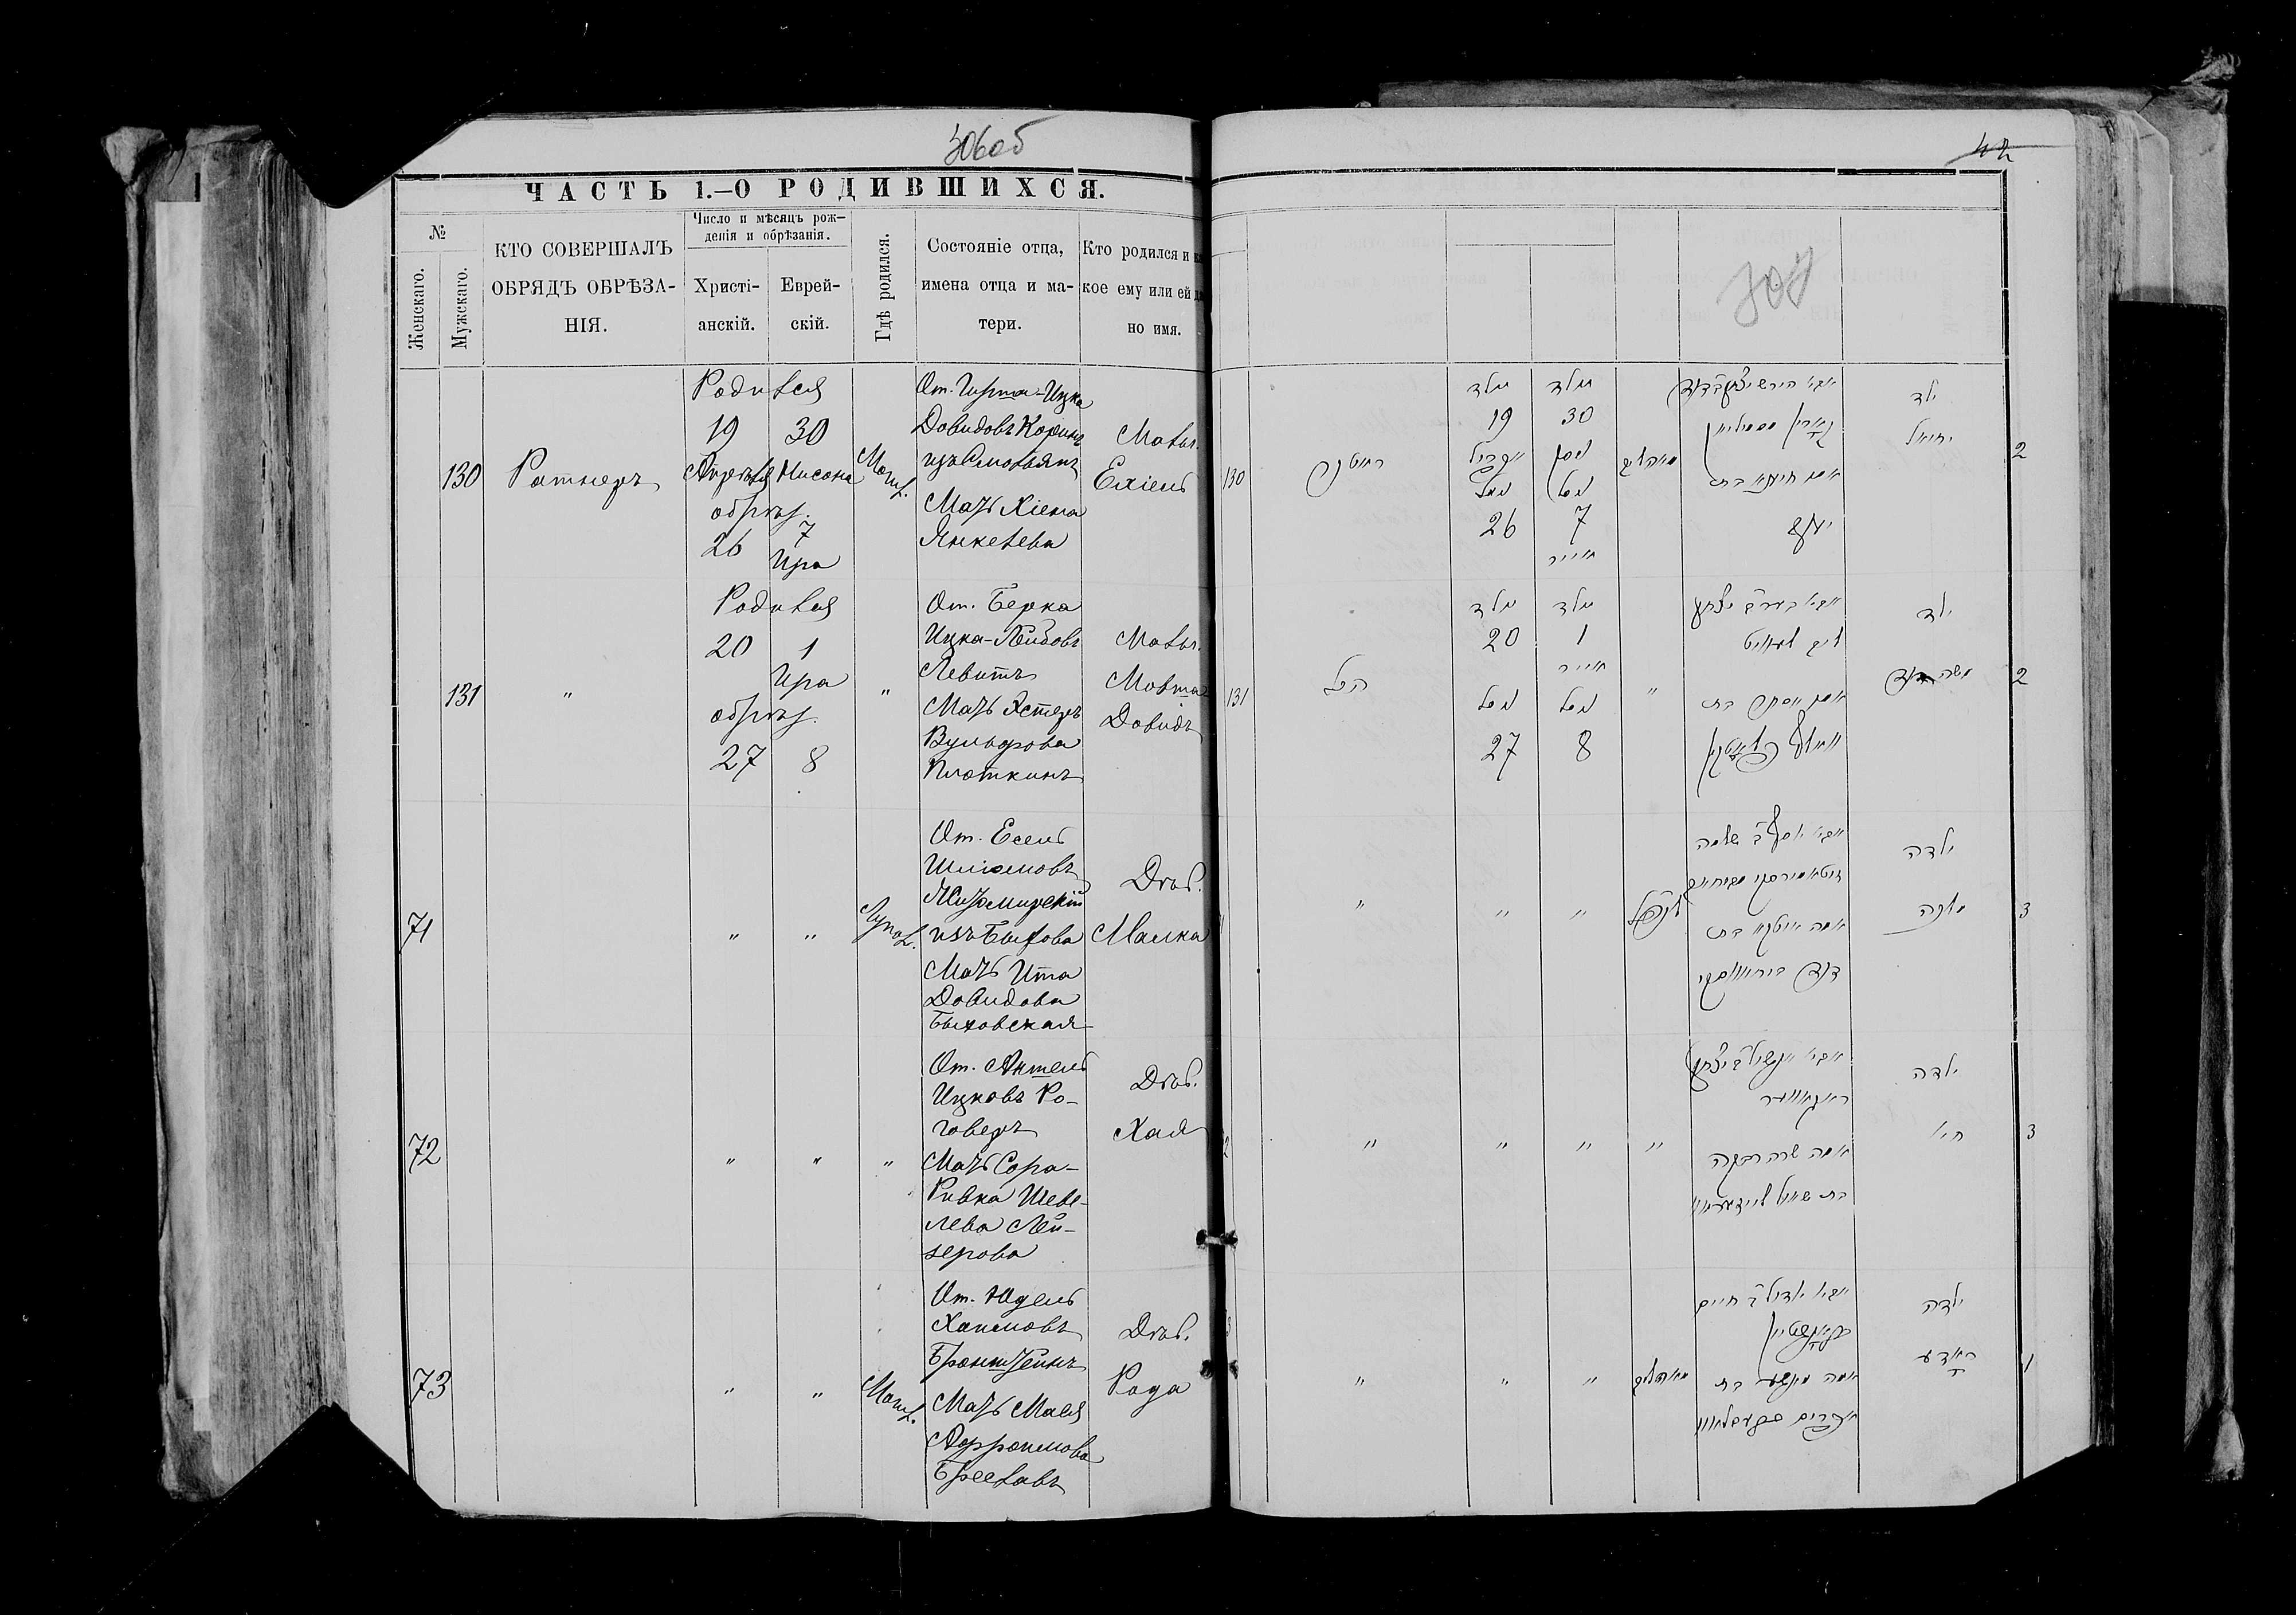 Малка Еселевна Житомирская 20 апреля 1889, запись 71, пленка 007766484, снимок 156